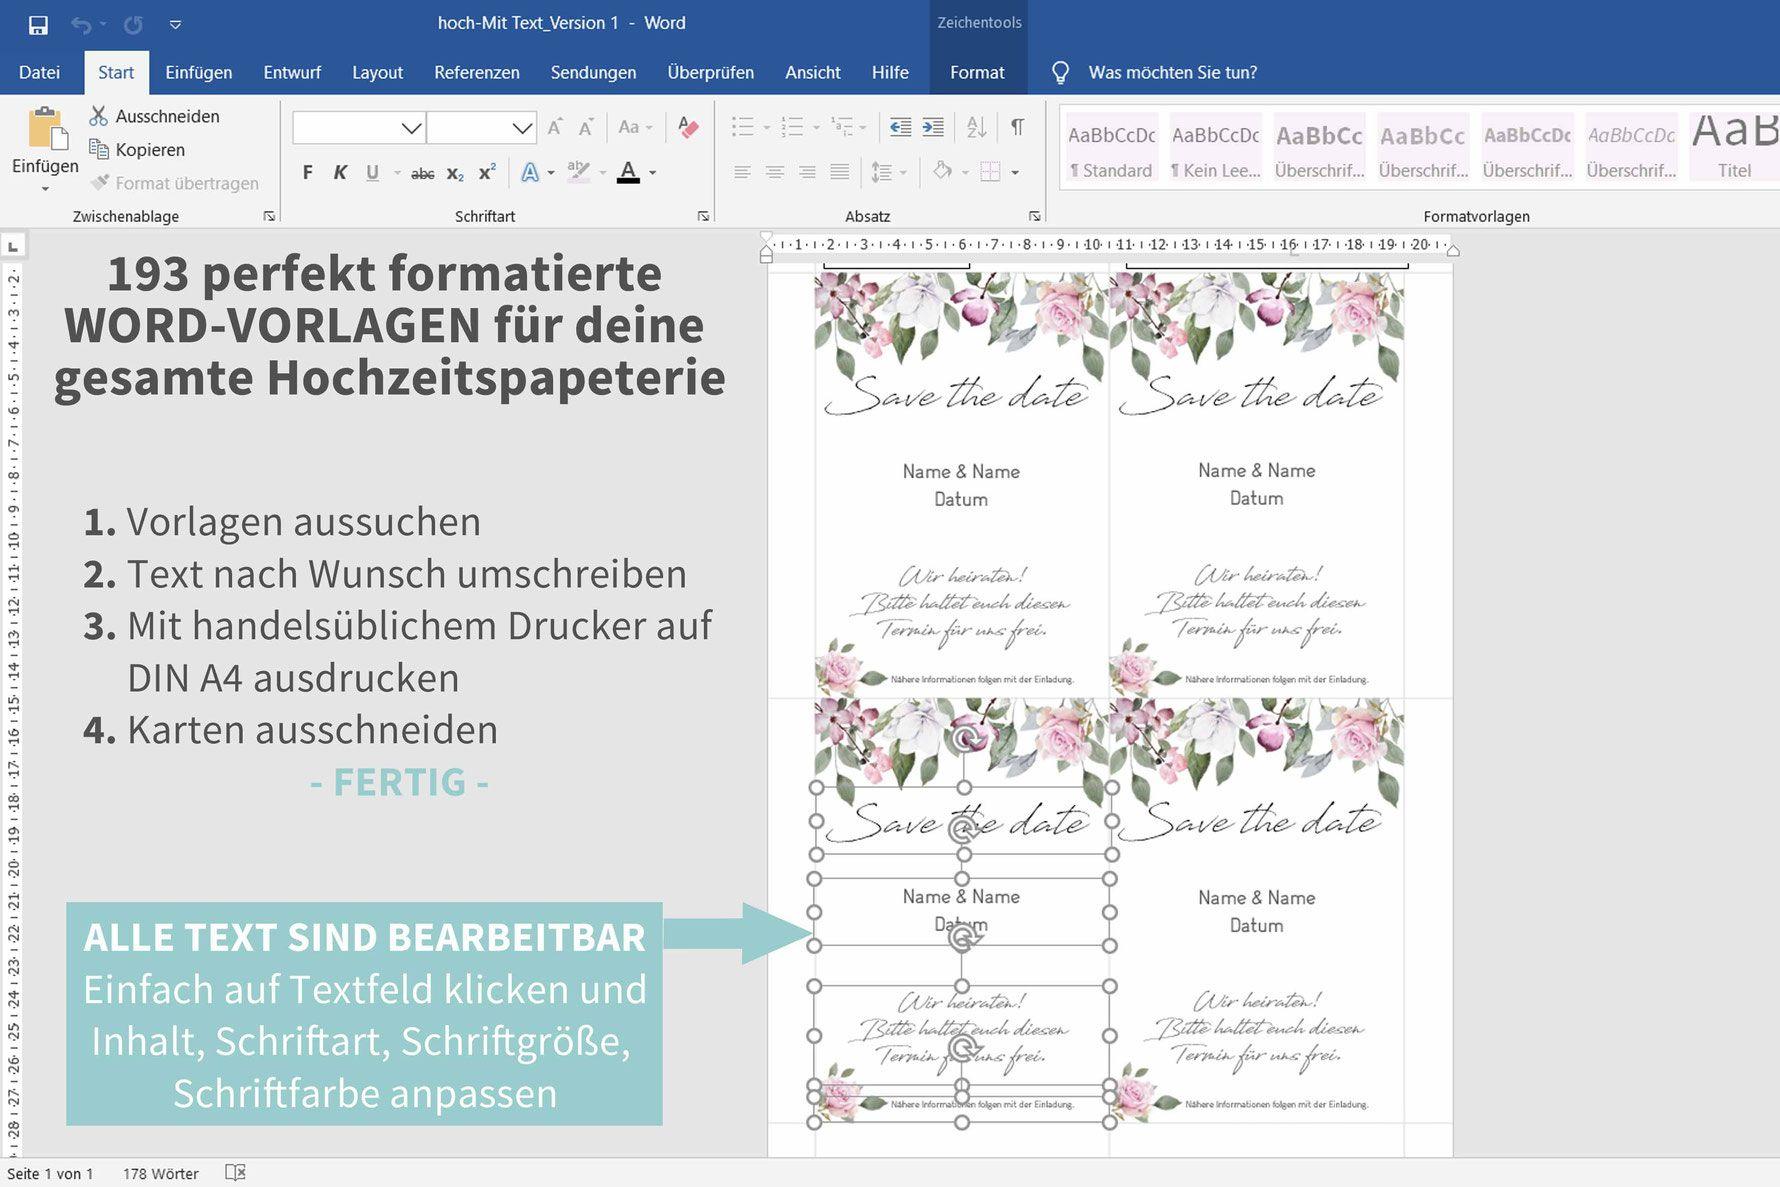 Rose 193 Word Vorlagen Zum Ausdrucken Einladungskarten Hochzeit Selbst Gestalten Tischdeko Hochzeit Selber Machen Diy Hochzeit Planen